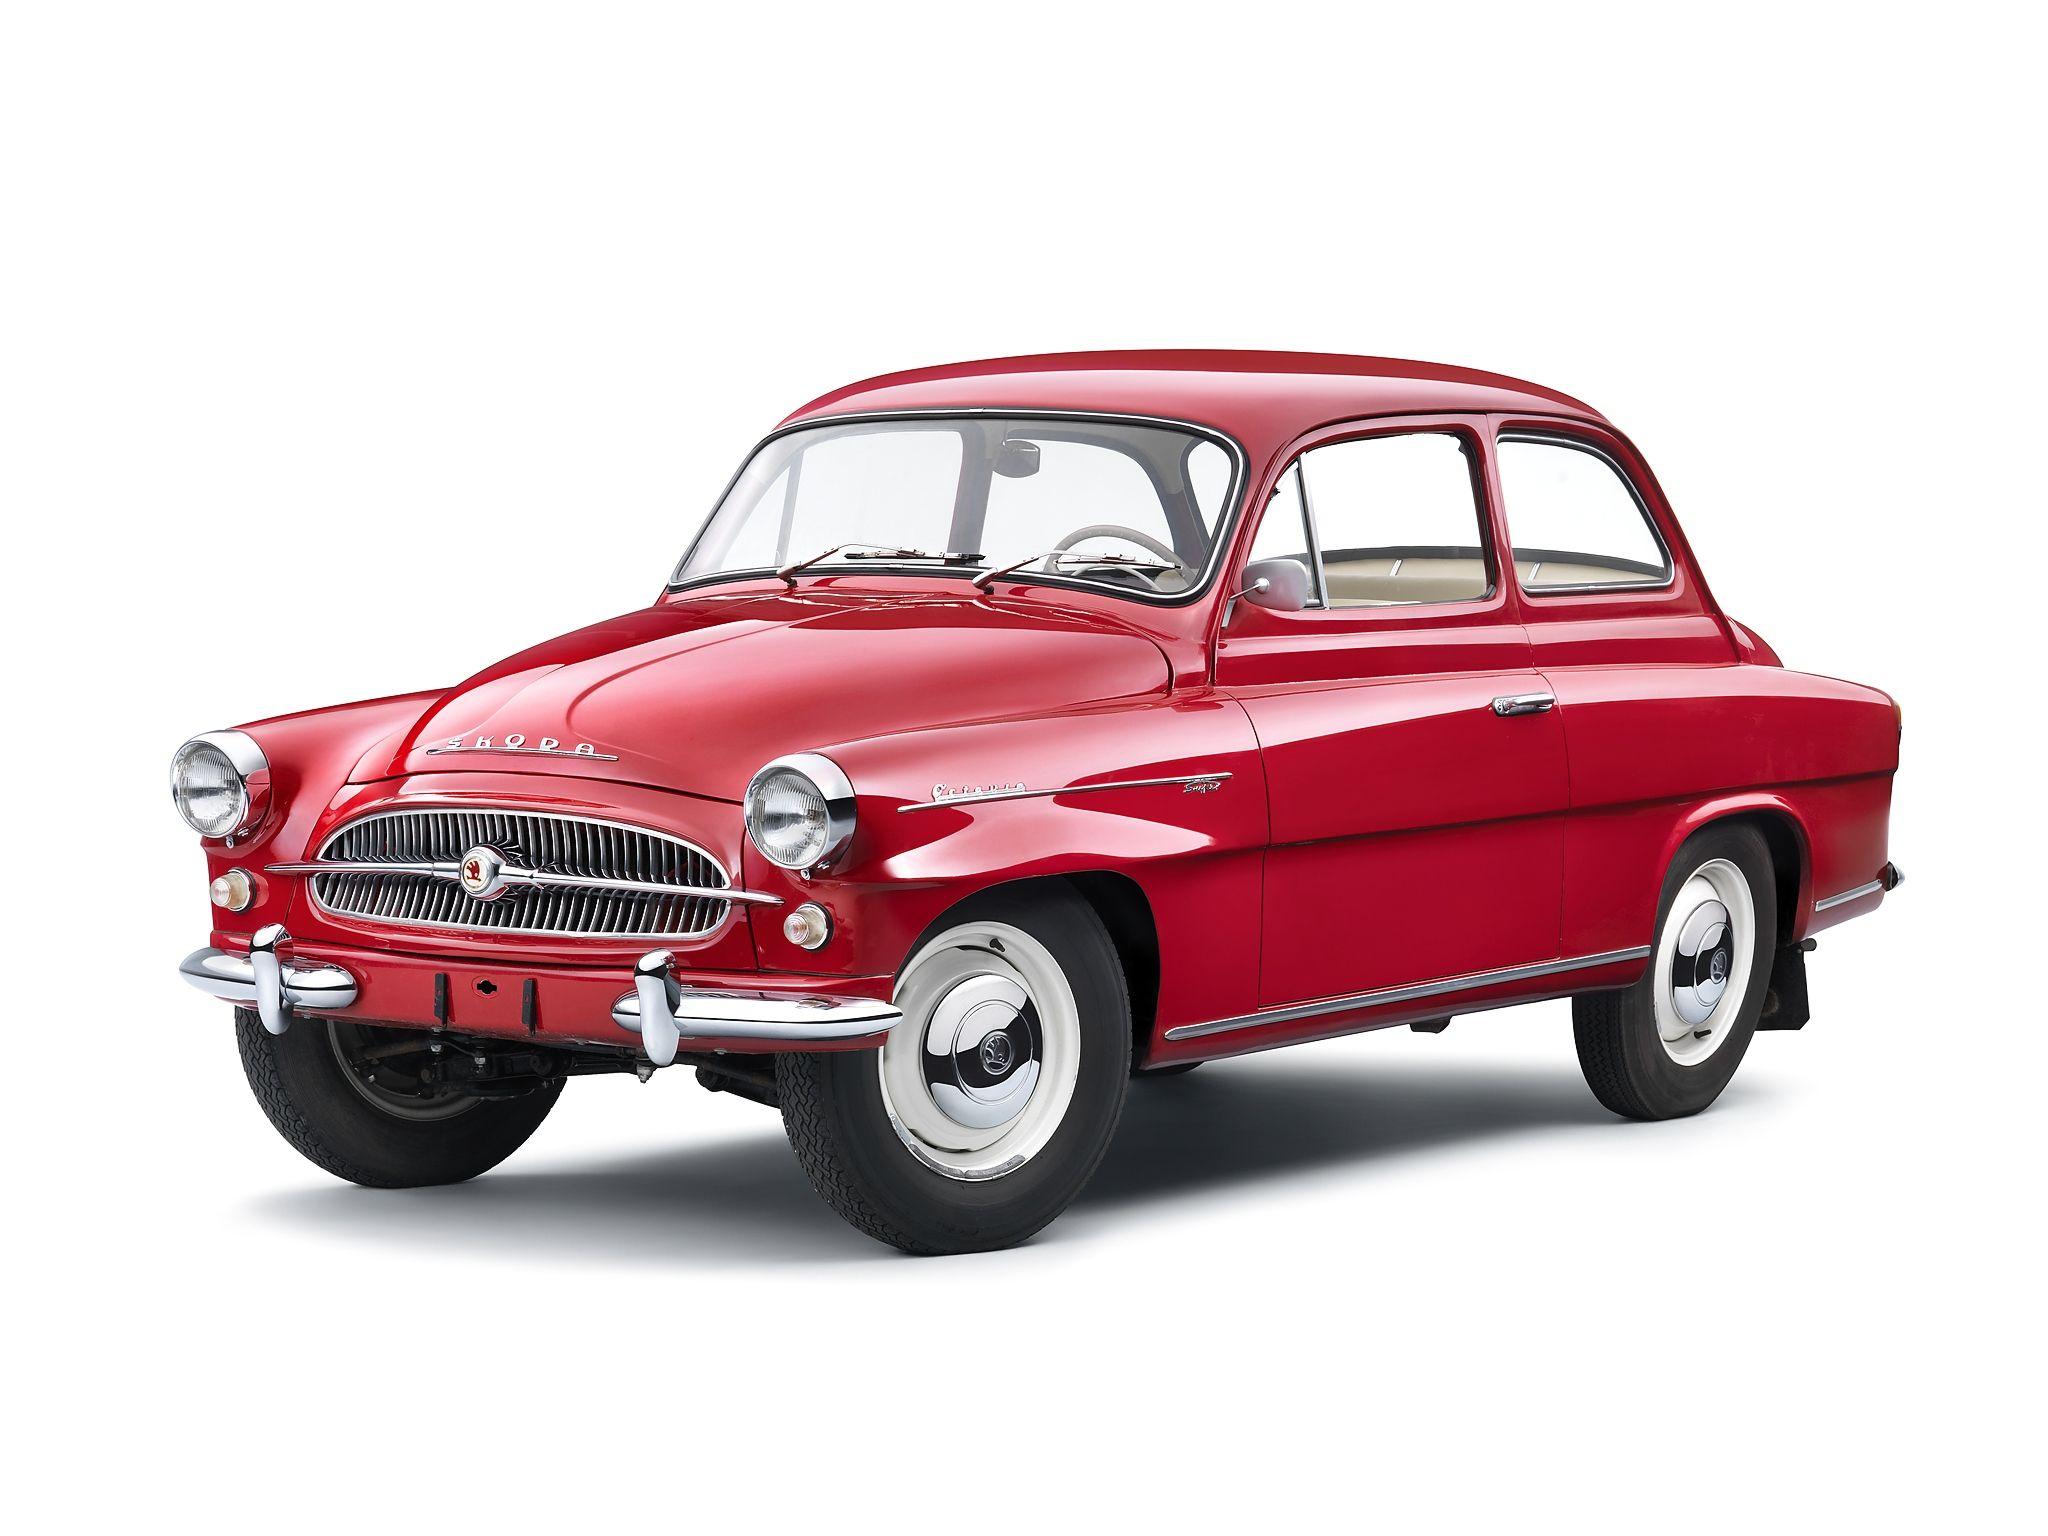 1959 64 Åkoda Octavia